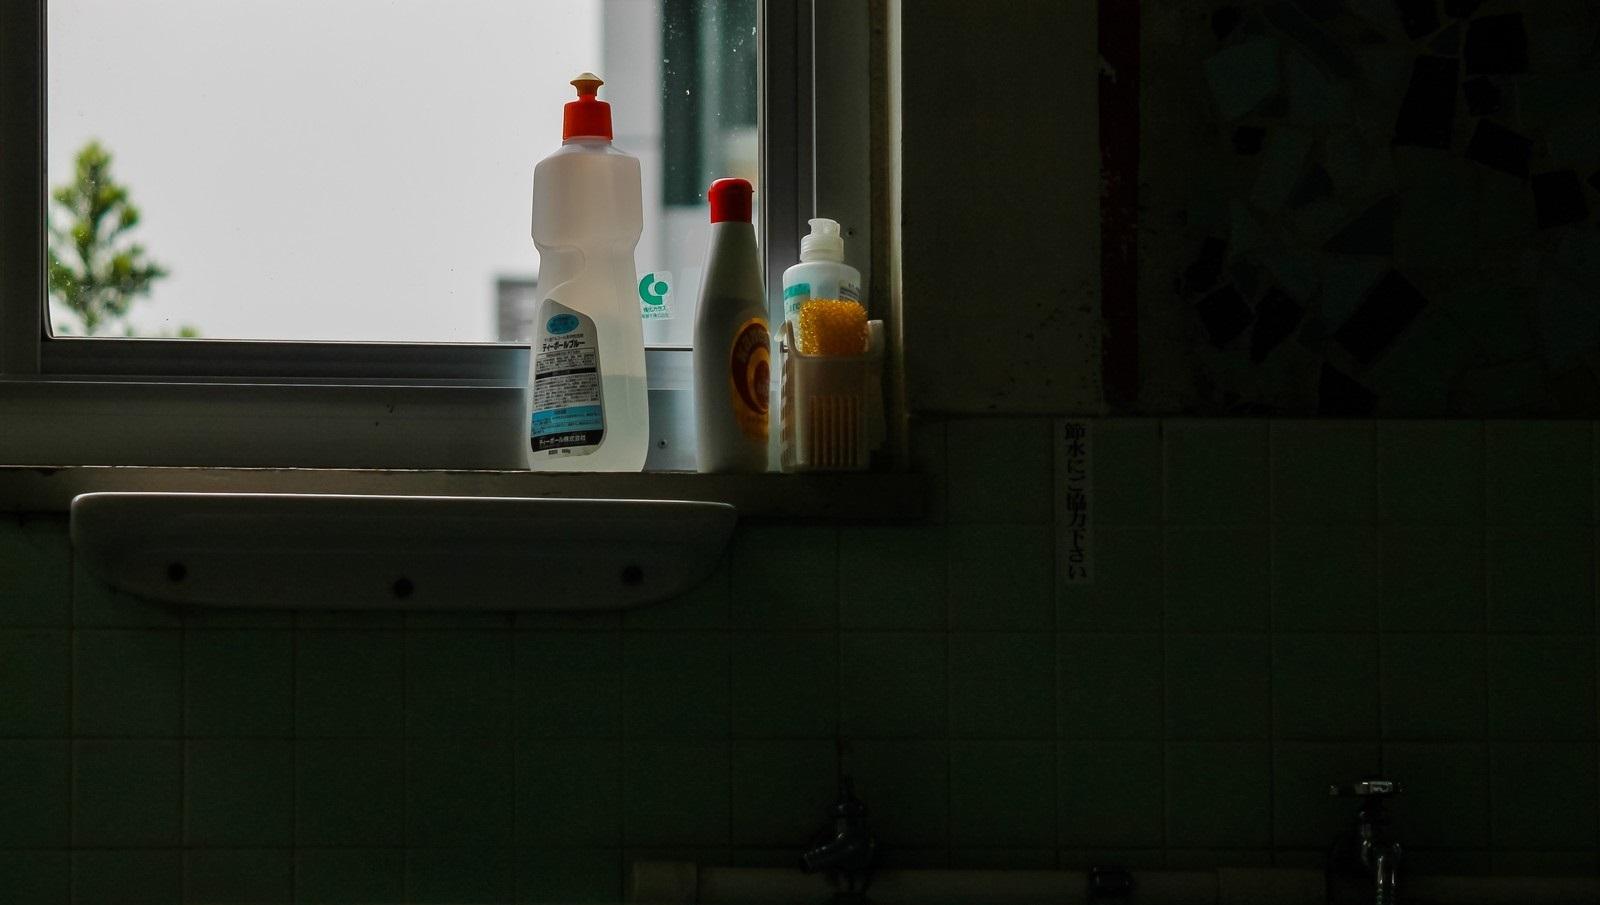 梅雨に備えて風呂場のカビ対策グッズを調べてみた